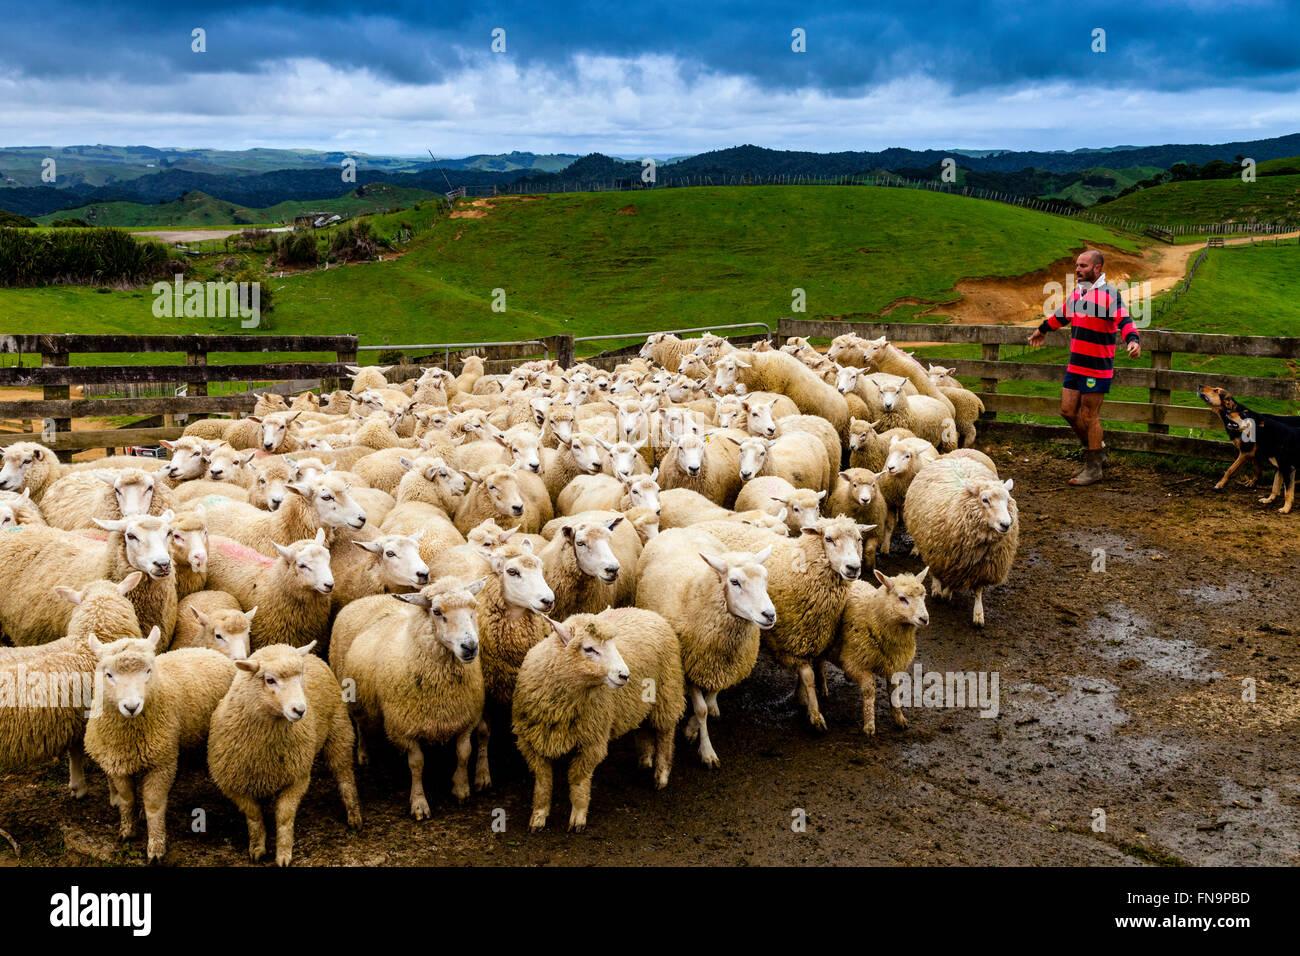 Schafe In ein Schaf Stift darauf warten, werden geschoren, Schäferei, City, Neuseeland Stockfoto